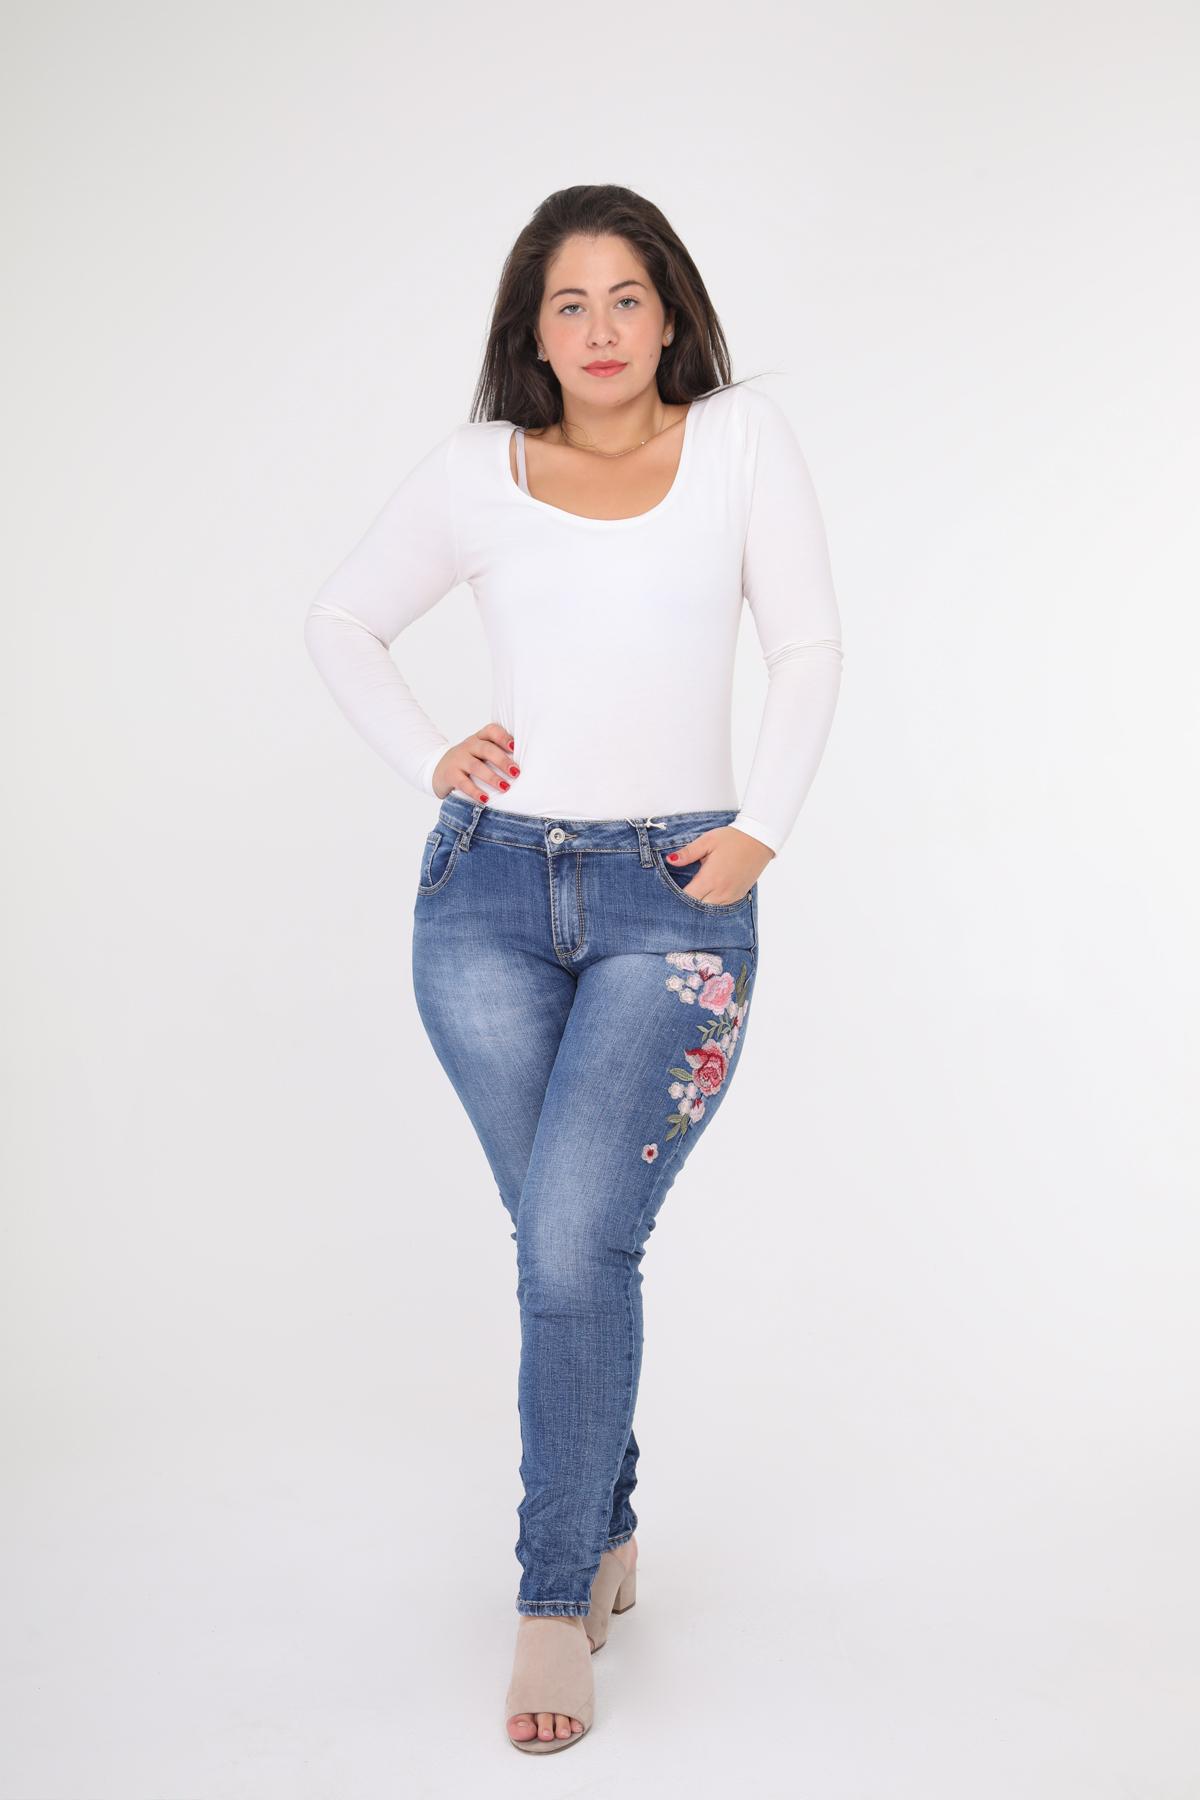 Jeans Femme Bleu Novo Création K933 #c eFashion Paris